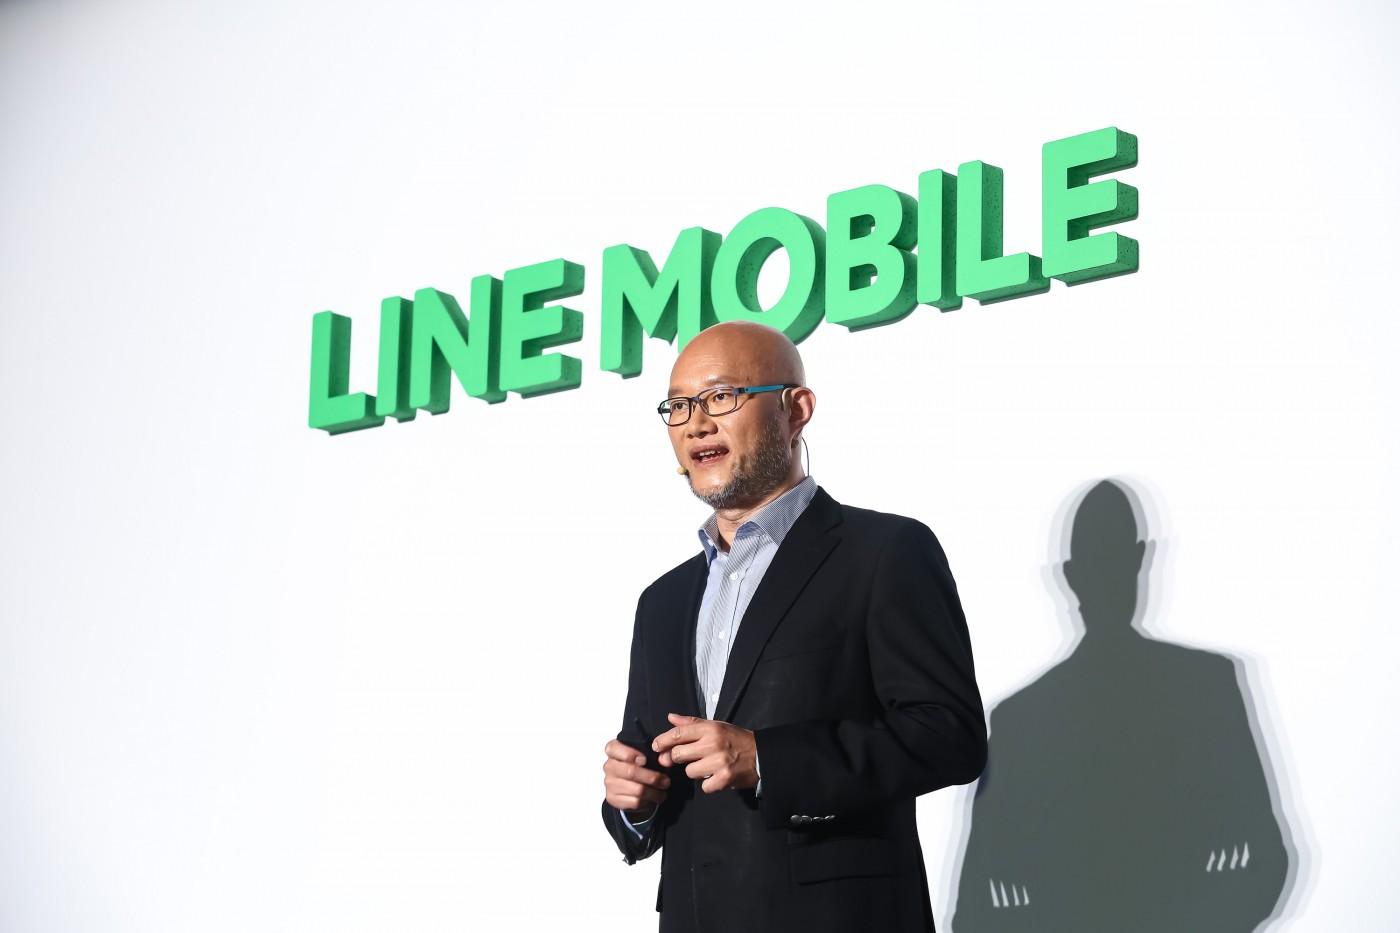 找遠傳聯手推LINE MOBILE新服務,但LINE卻志不在電信市場